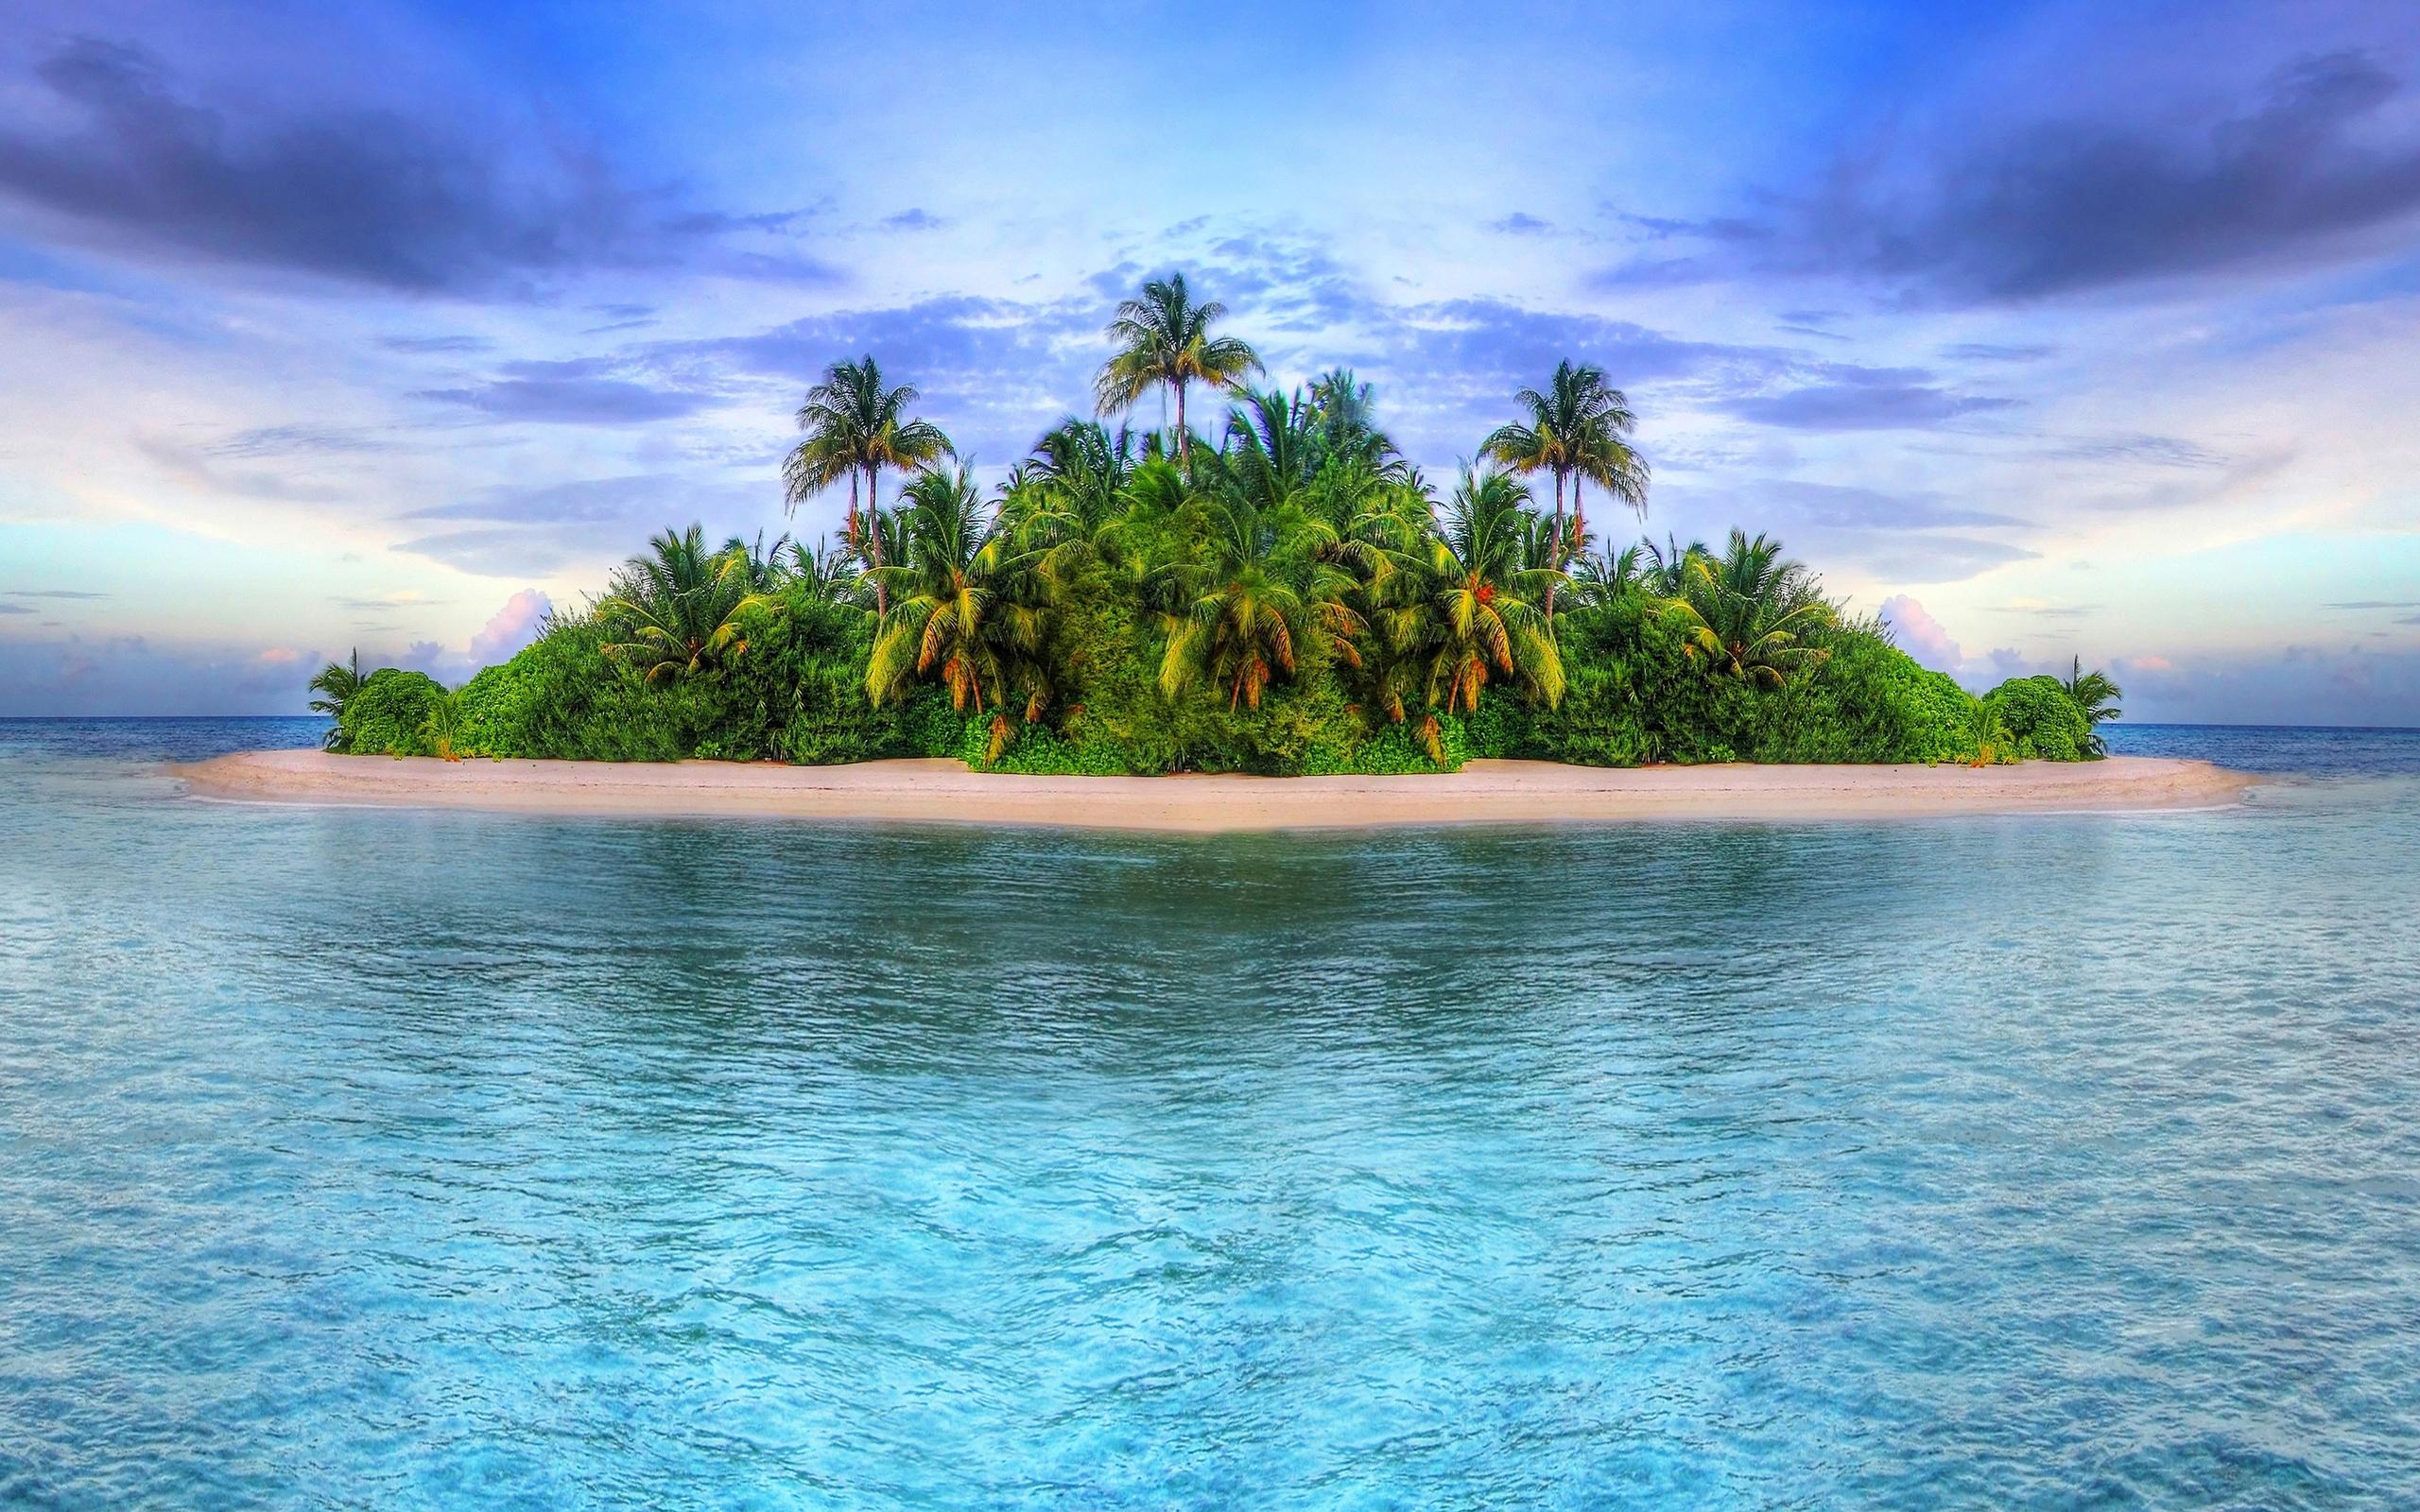 пирзола пляж океан картинки на телефон что такое